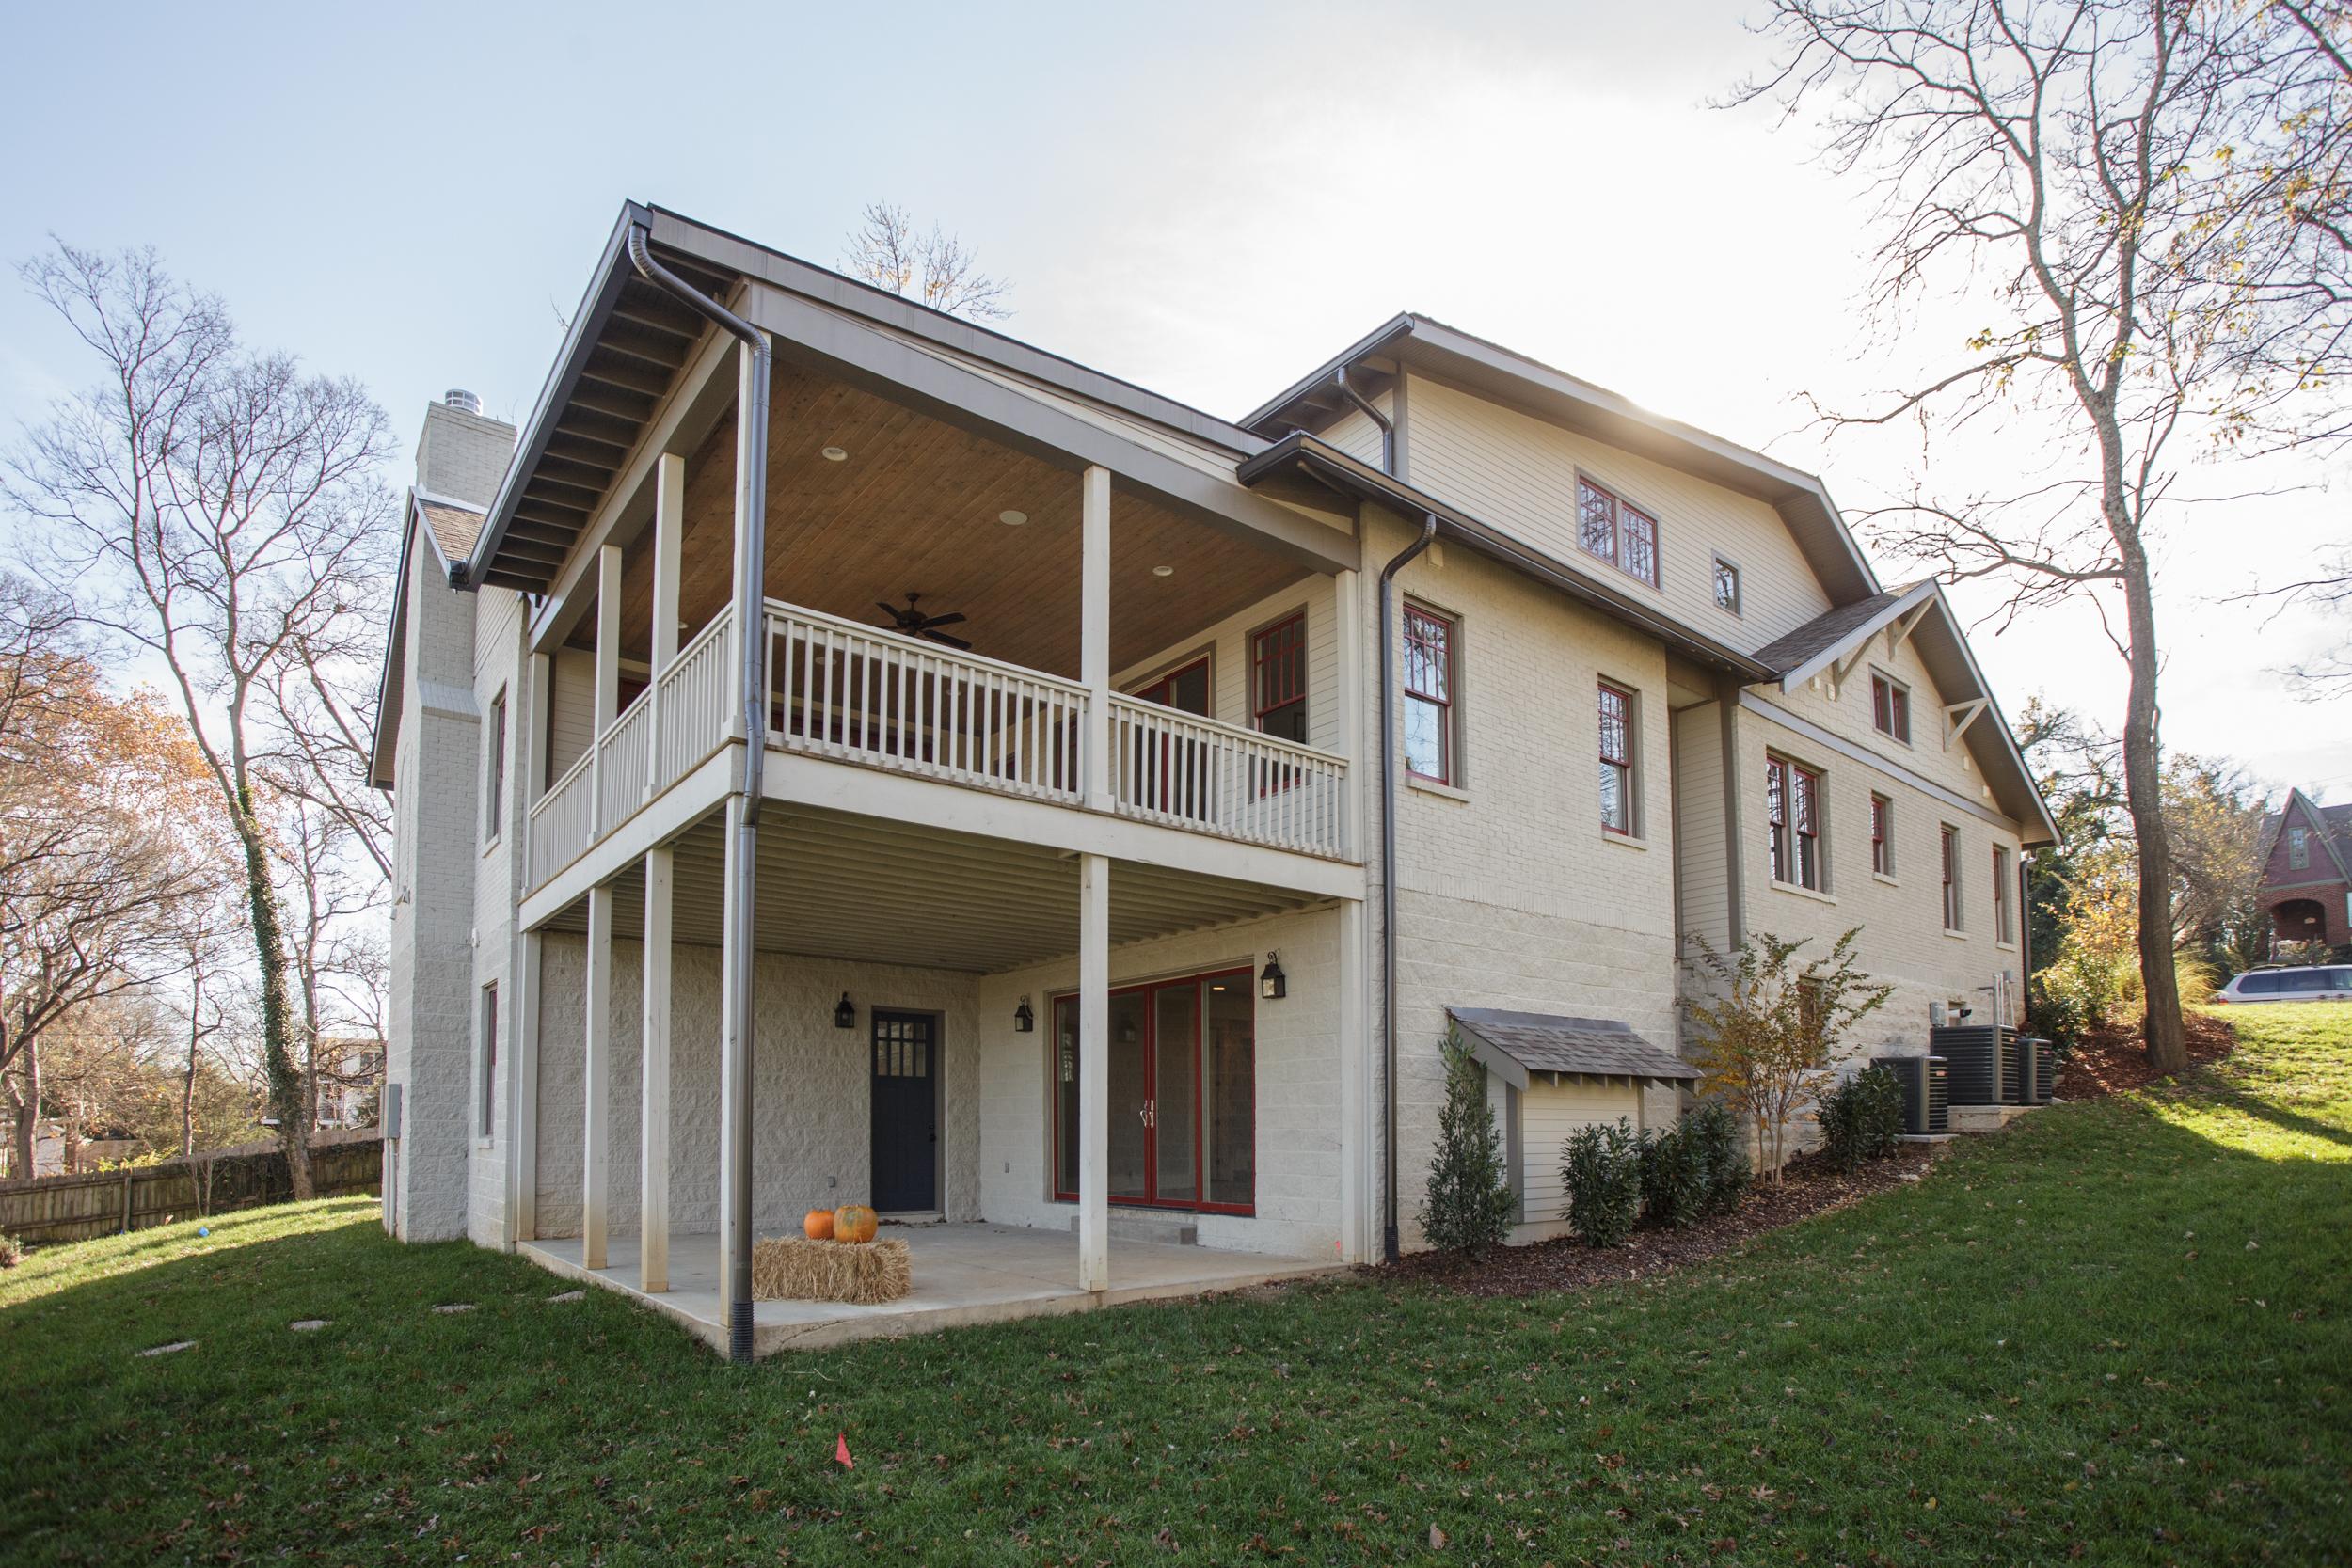 britt-development-group-nashville-tennessee-custom-home-builder-historic-renovation-0679.jpg